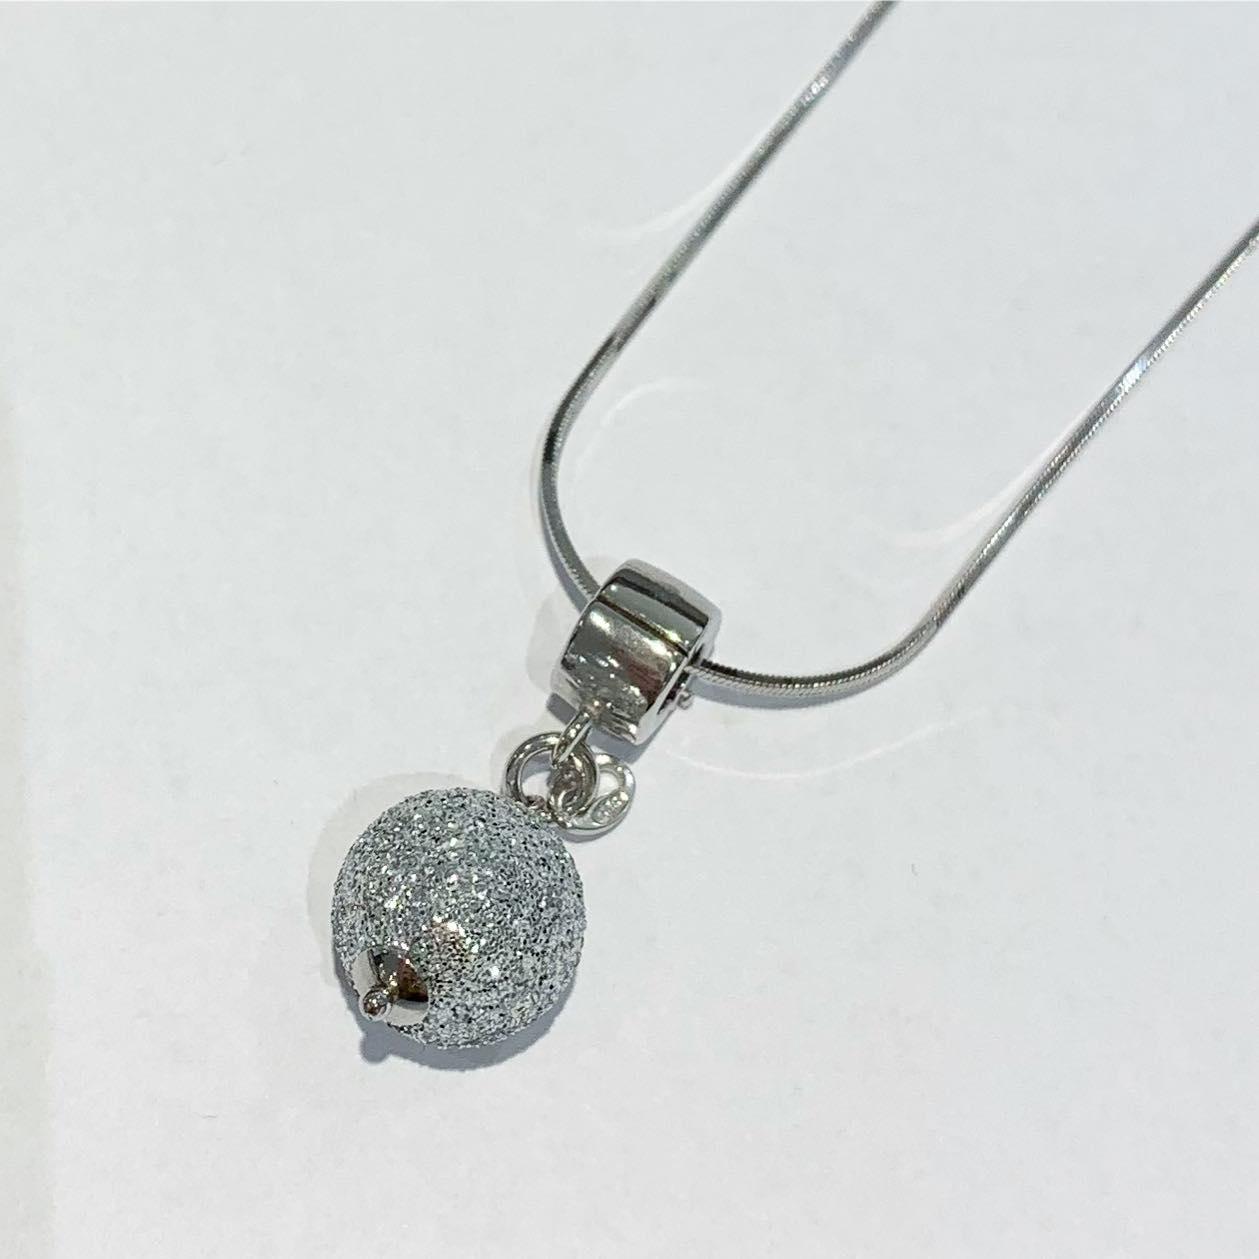 Anheng rh.sølv  klipshempe m/12mm sølv glitterkule